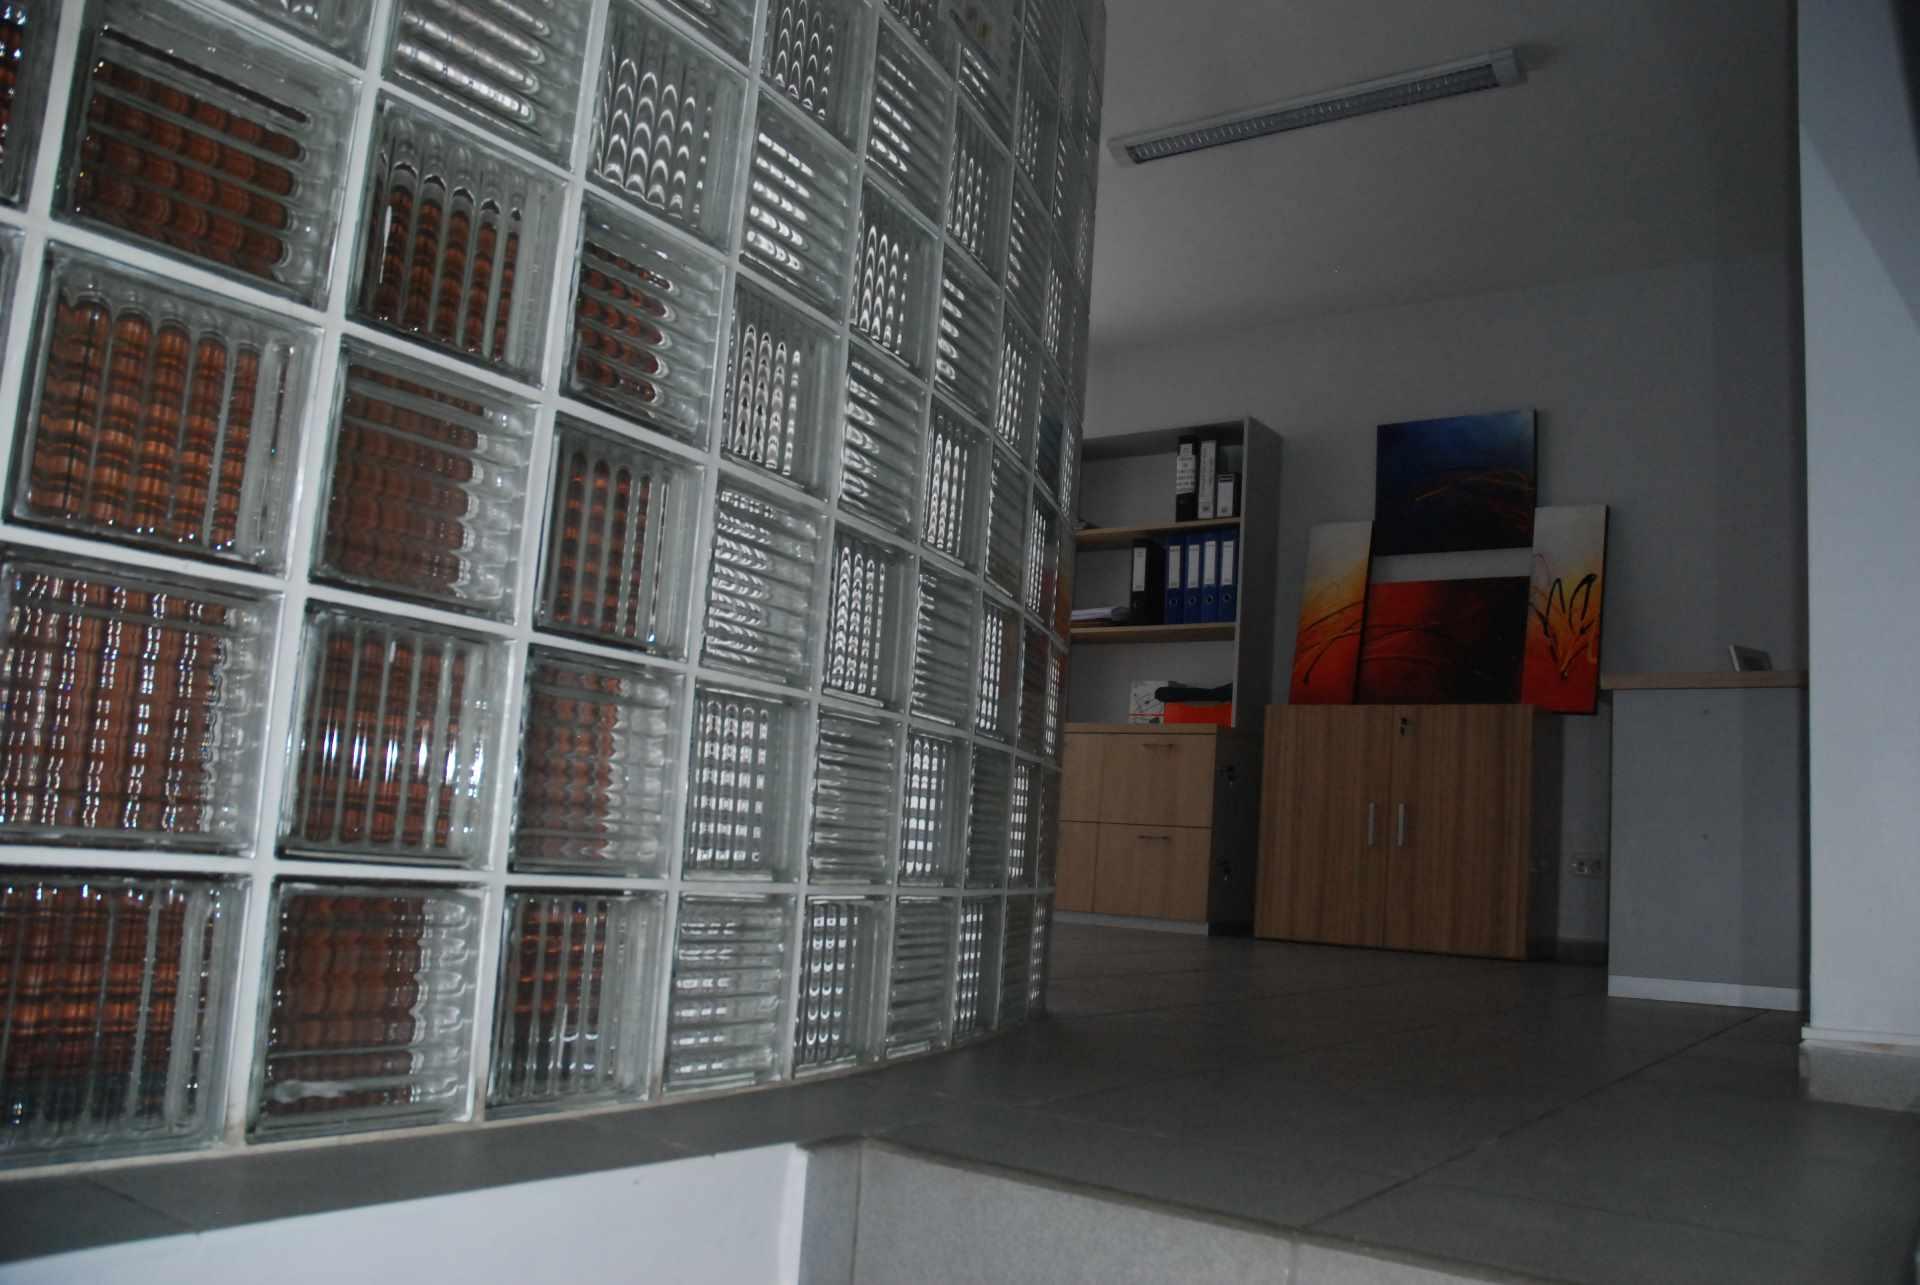 Oficina en Alquiler Cerca del colegio Cristo Rey y Avenida Irala, Calle La Riva Foto 4